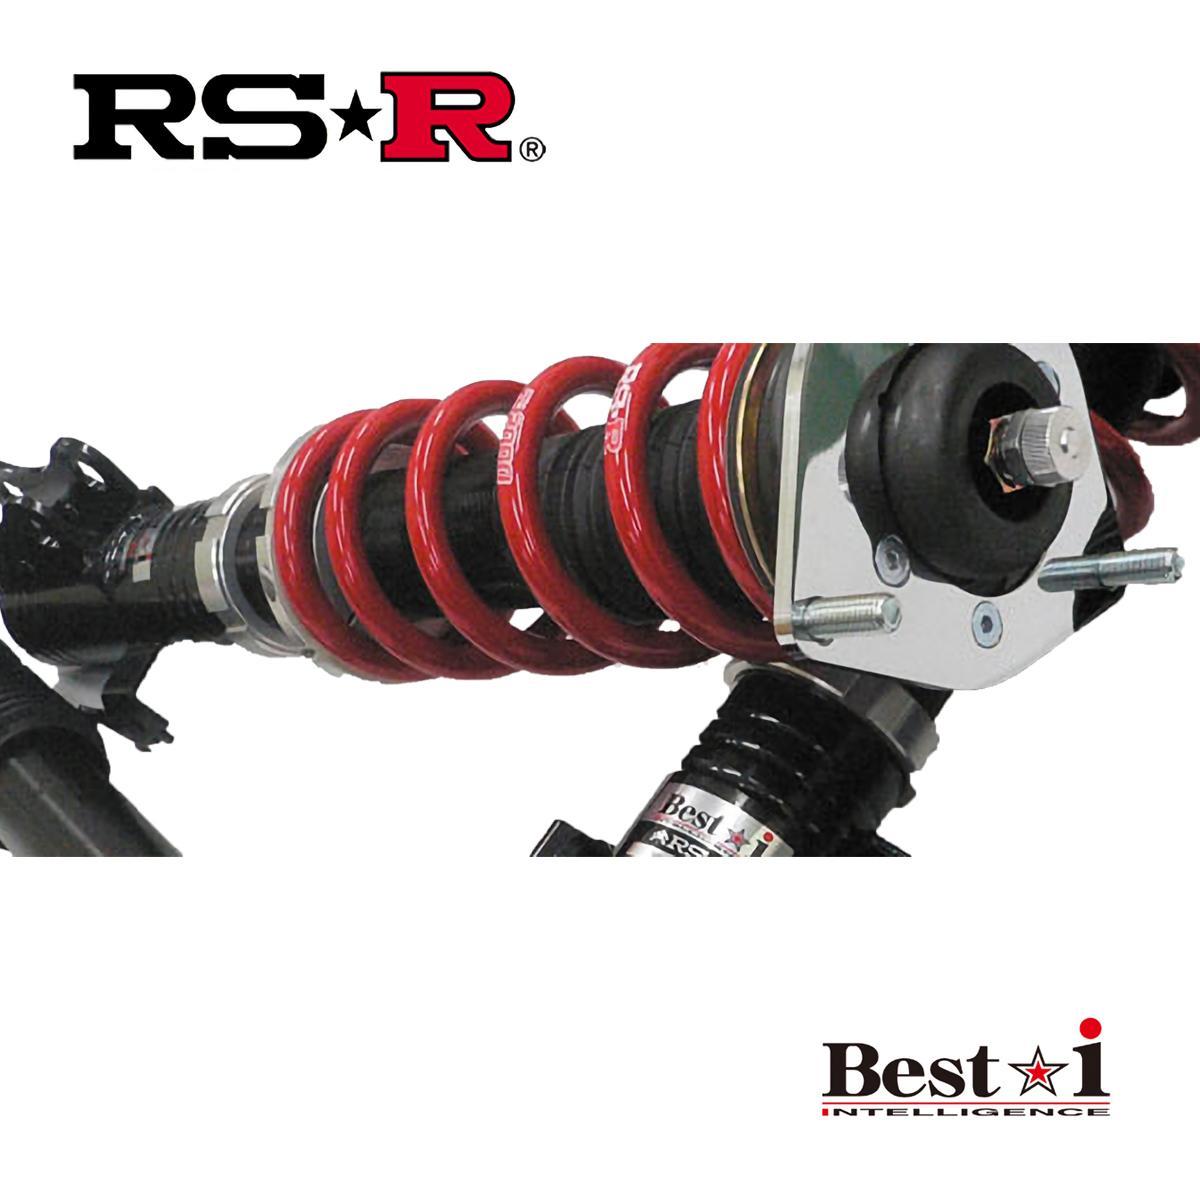 RS-R ヴォクシー ハイブリッドZS煌II ZWR80W 車高調 リア車高調整 ネジ式 BIT930M RSR ベストi RSR 個人宅発送追金有